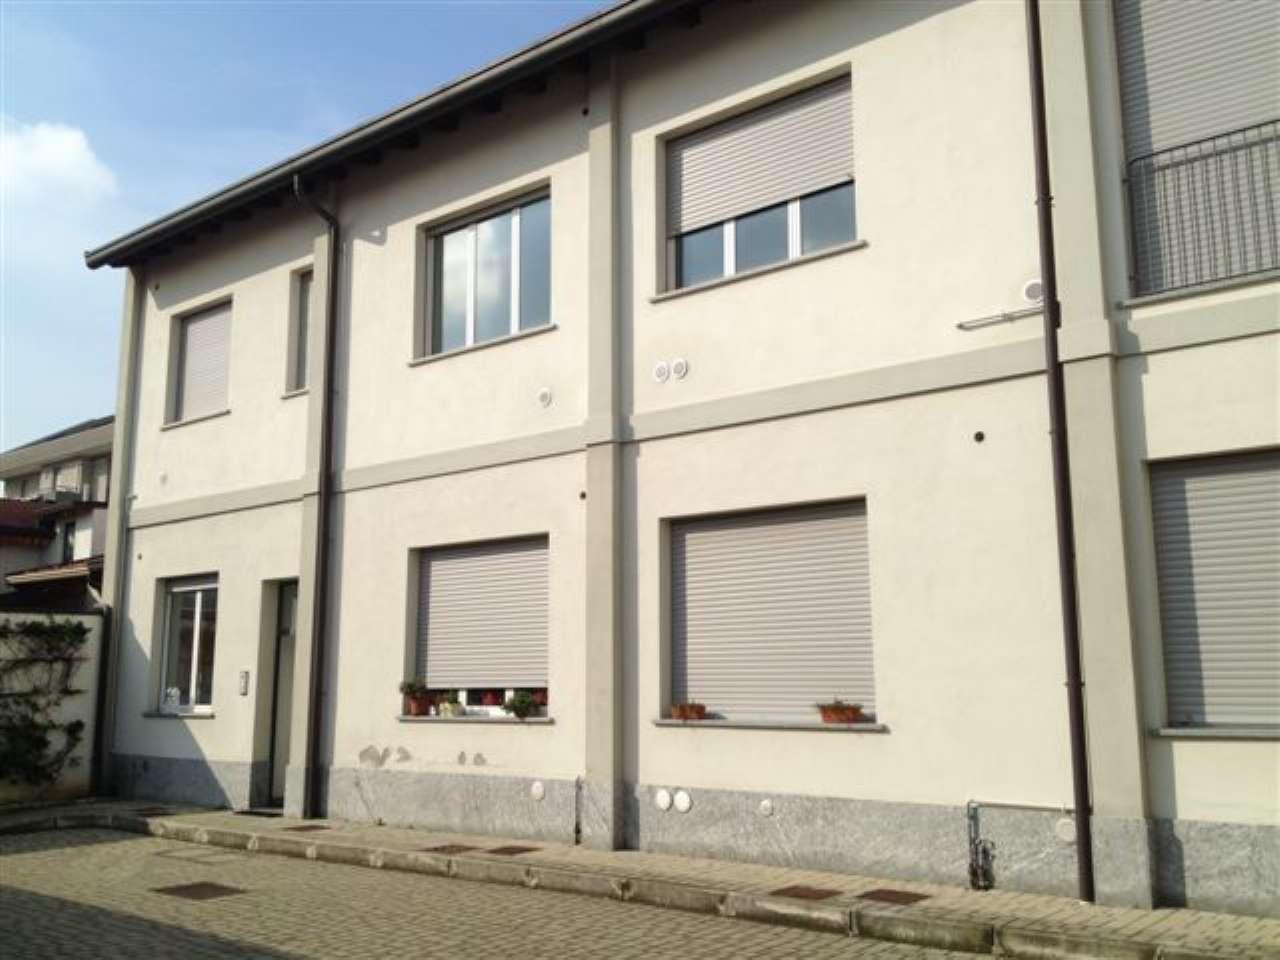 Appartamento in affitto a Lissone, 2 locali, prezzo € 550 | CambioCasa.it